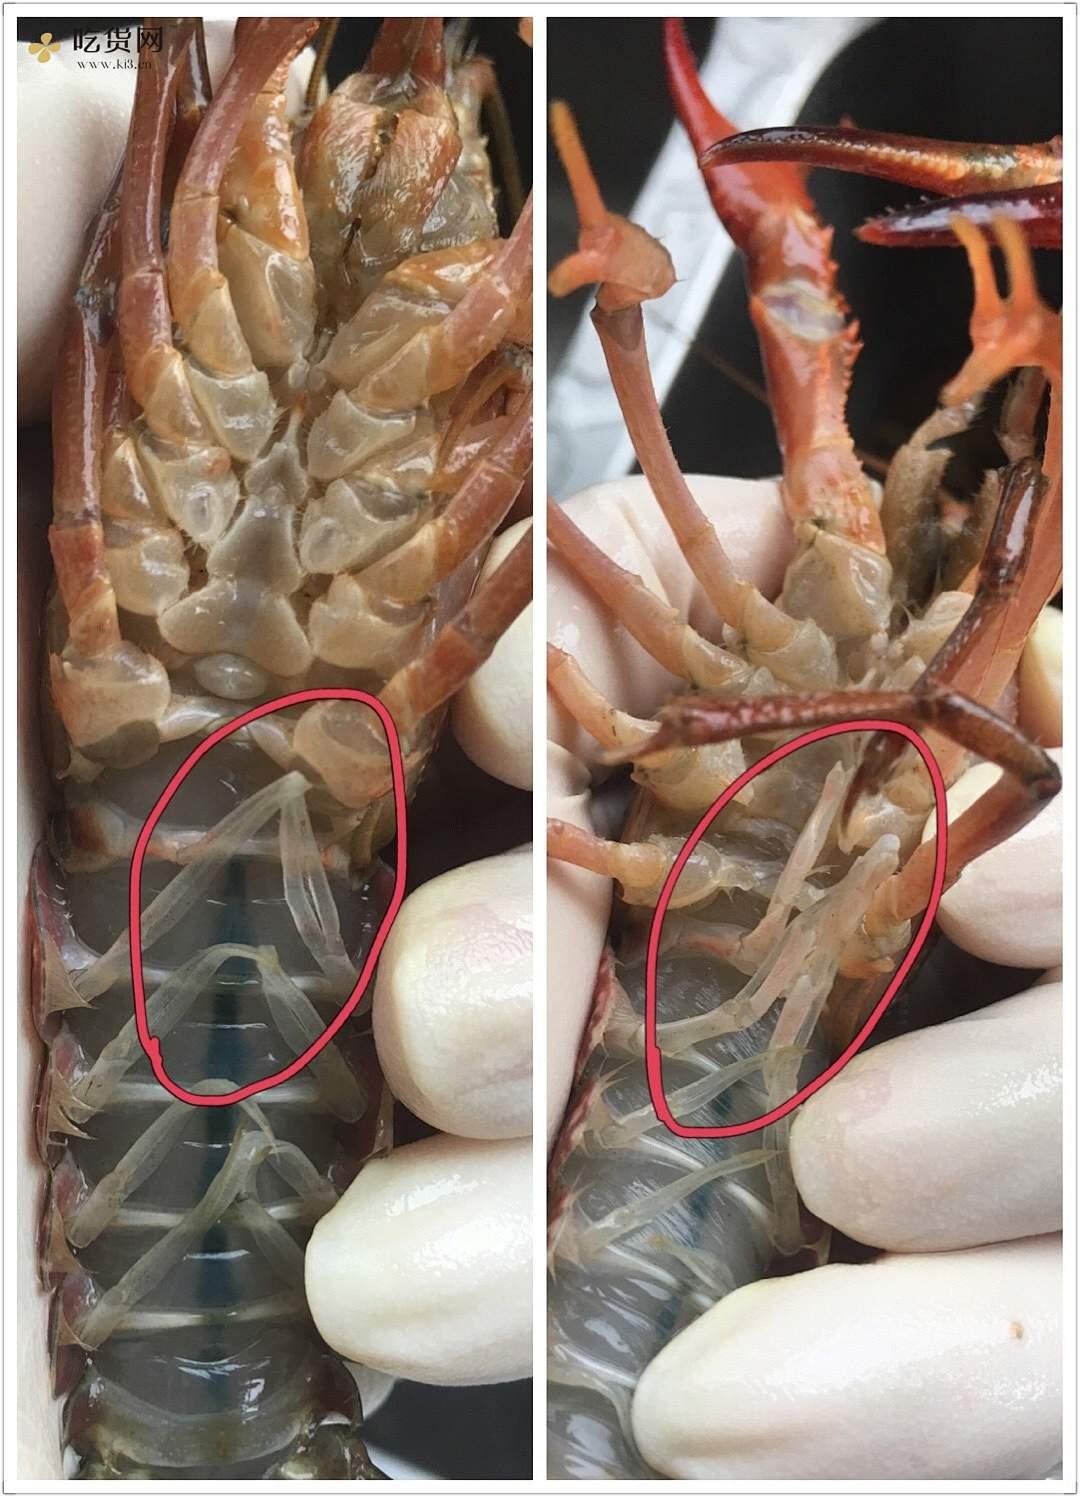 详解如何清理以及辨别小龙虾的做法 步骤2